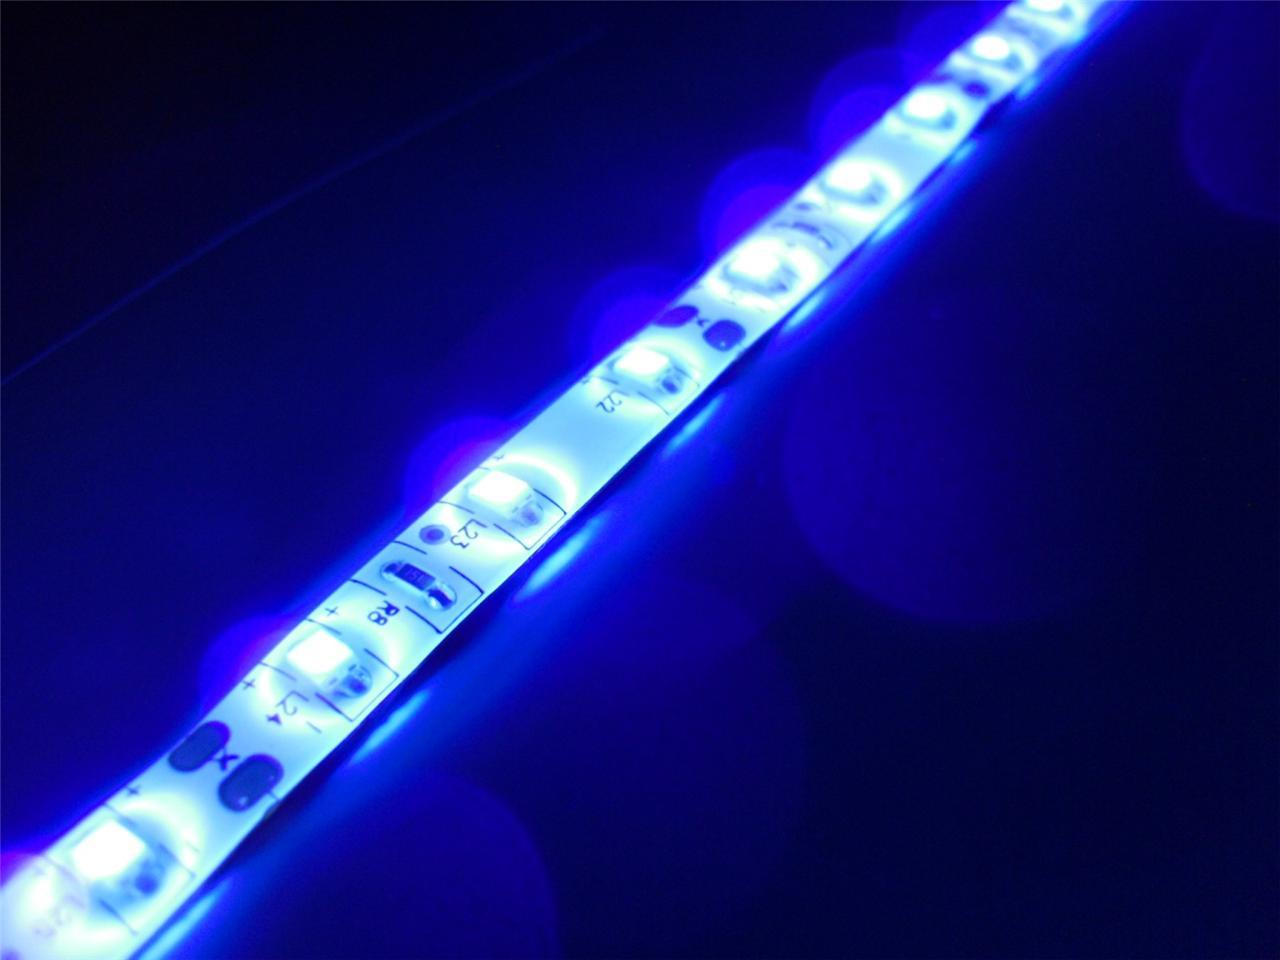 Uv Black Light Waterproof Led Light Strips Tank Night Fishing Boat Dock W Leads Ebay